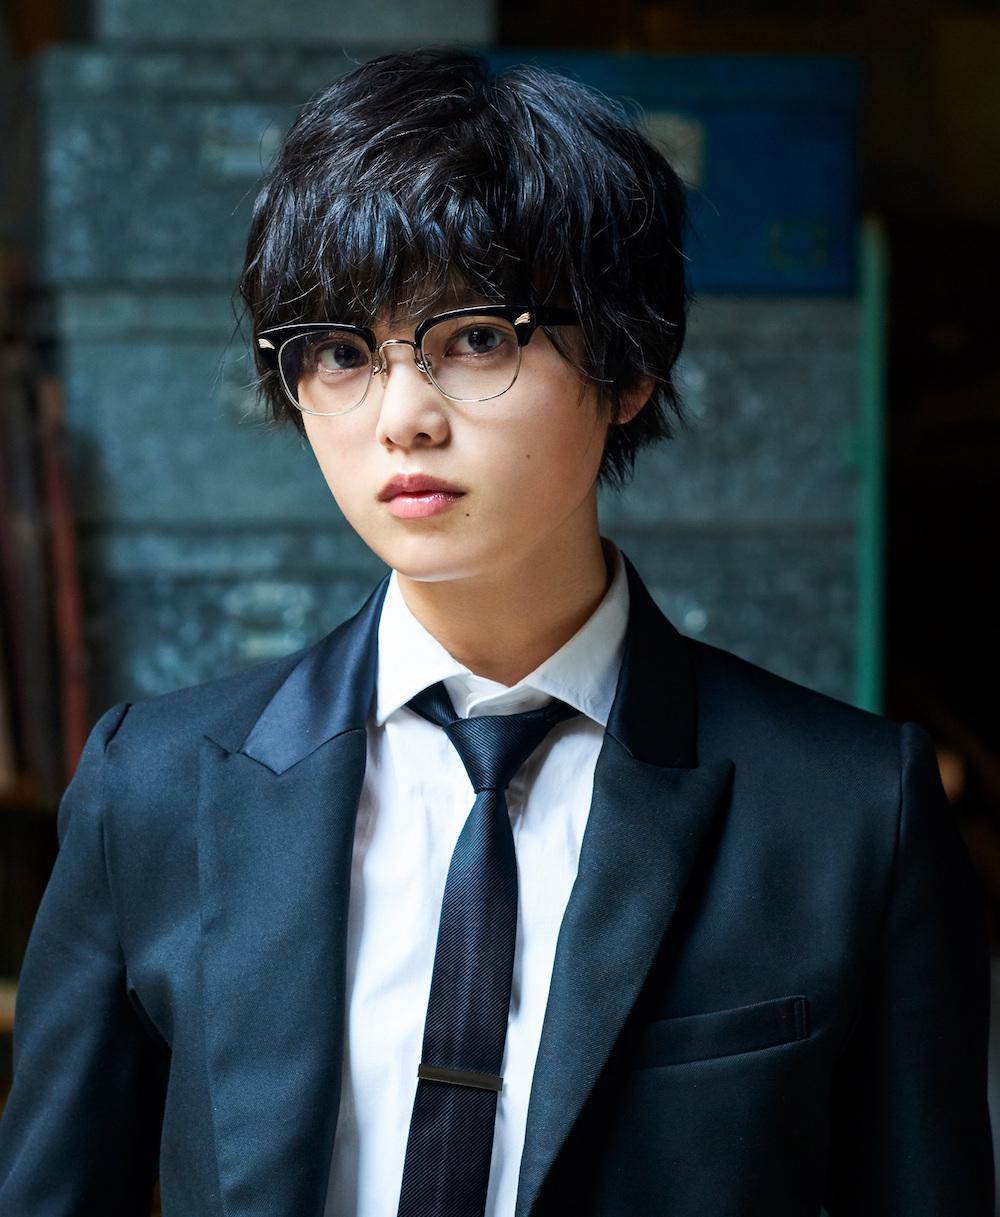 欅坂46 平手友梨奈 (ひらて ゆりな)